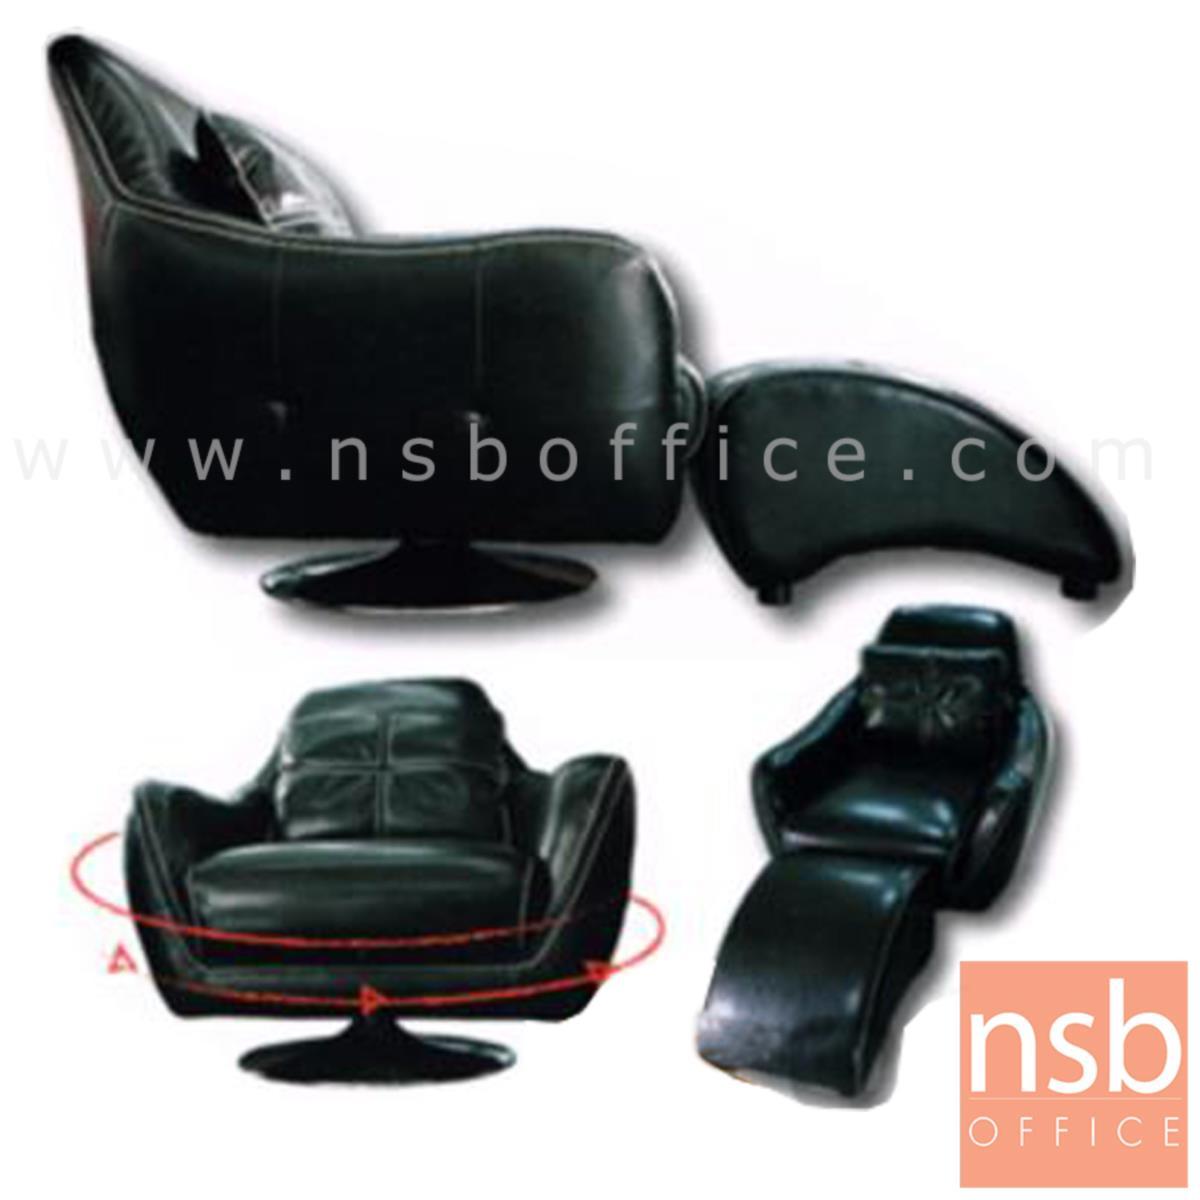 B22A029:เก้าอี้พักผ่อนเบาะนวมหนังไบแคส  รุ่น Applejack (แอปเปิ้ลแจ็ค) ขนาด 110W cm. หมุน 360 องศา